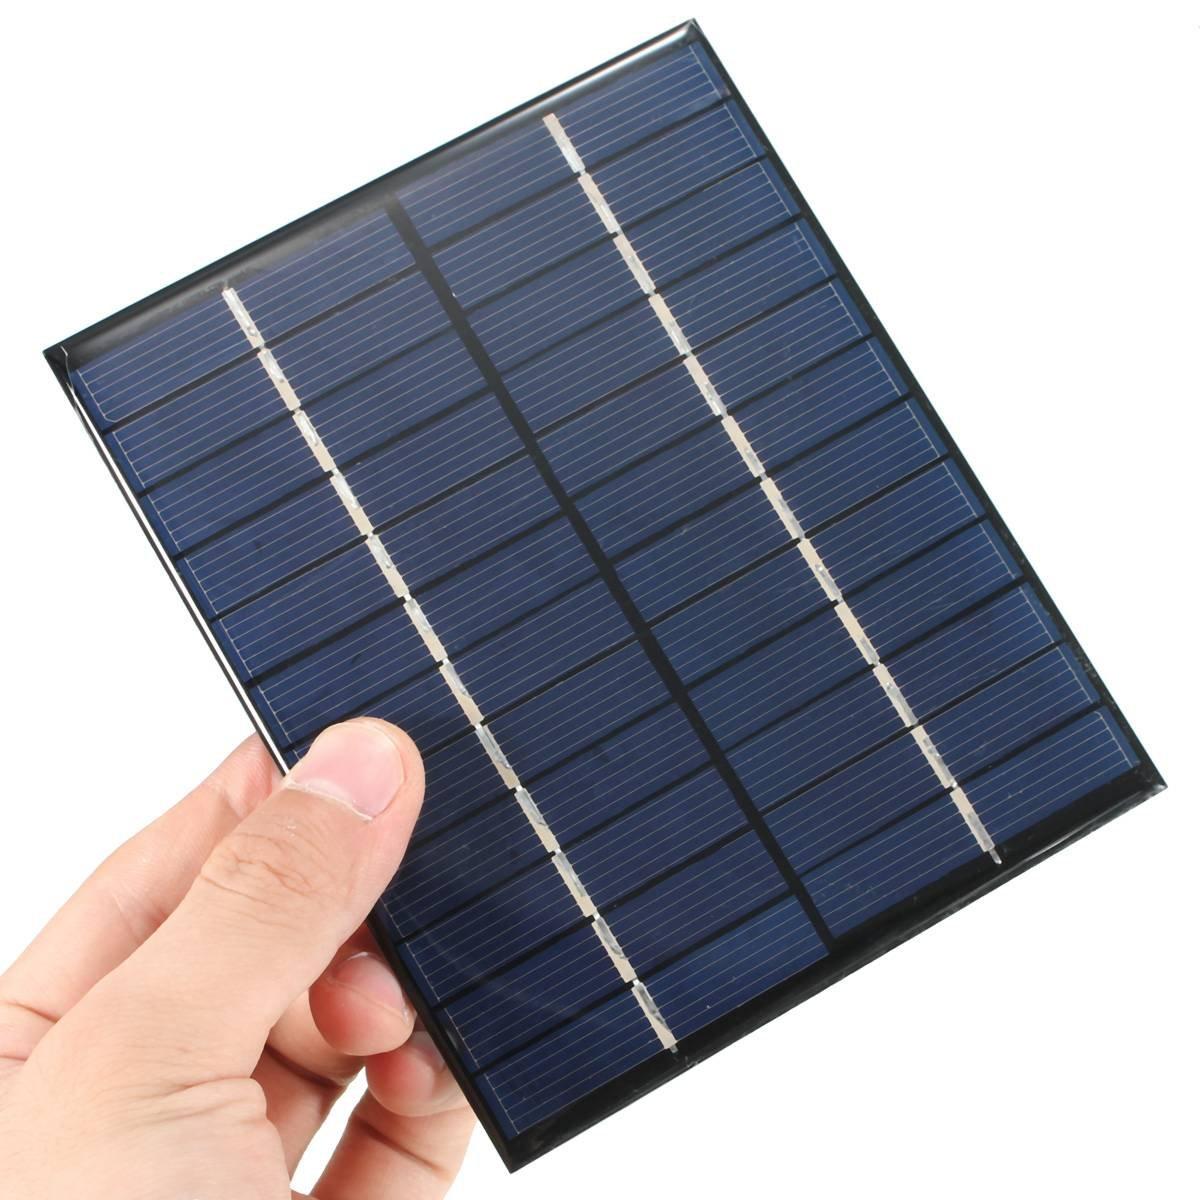 CAMTOA® 2W 12V 520mA pannello solare piccolo modulo cellula PV per Kit di bricolage solari caricatore